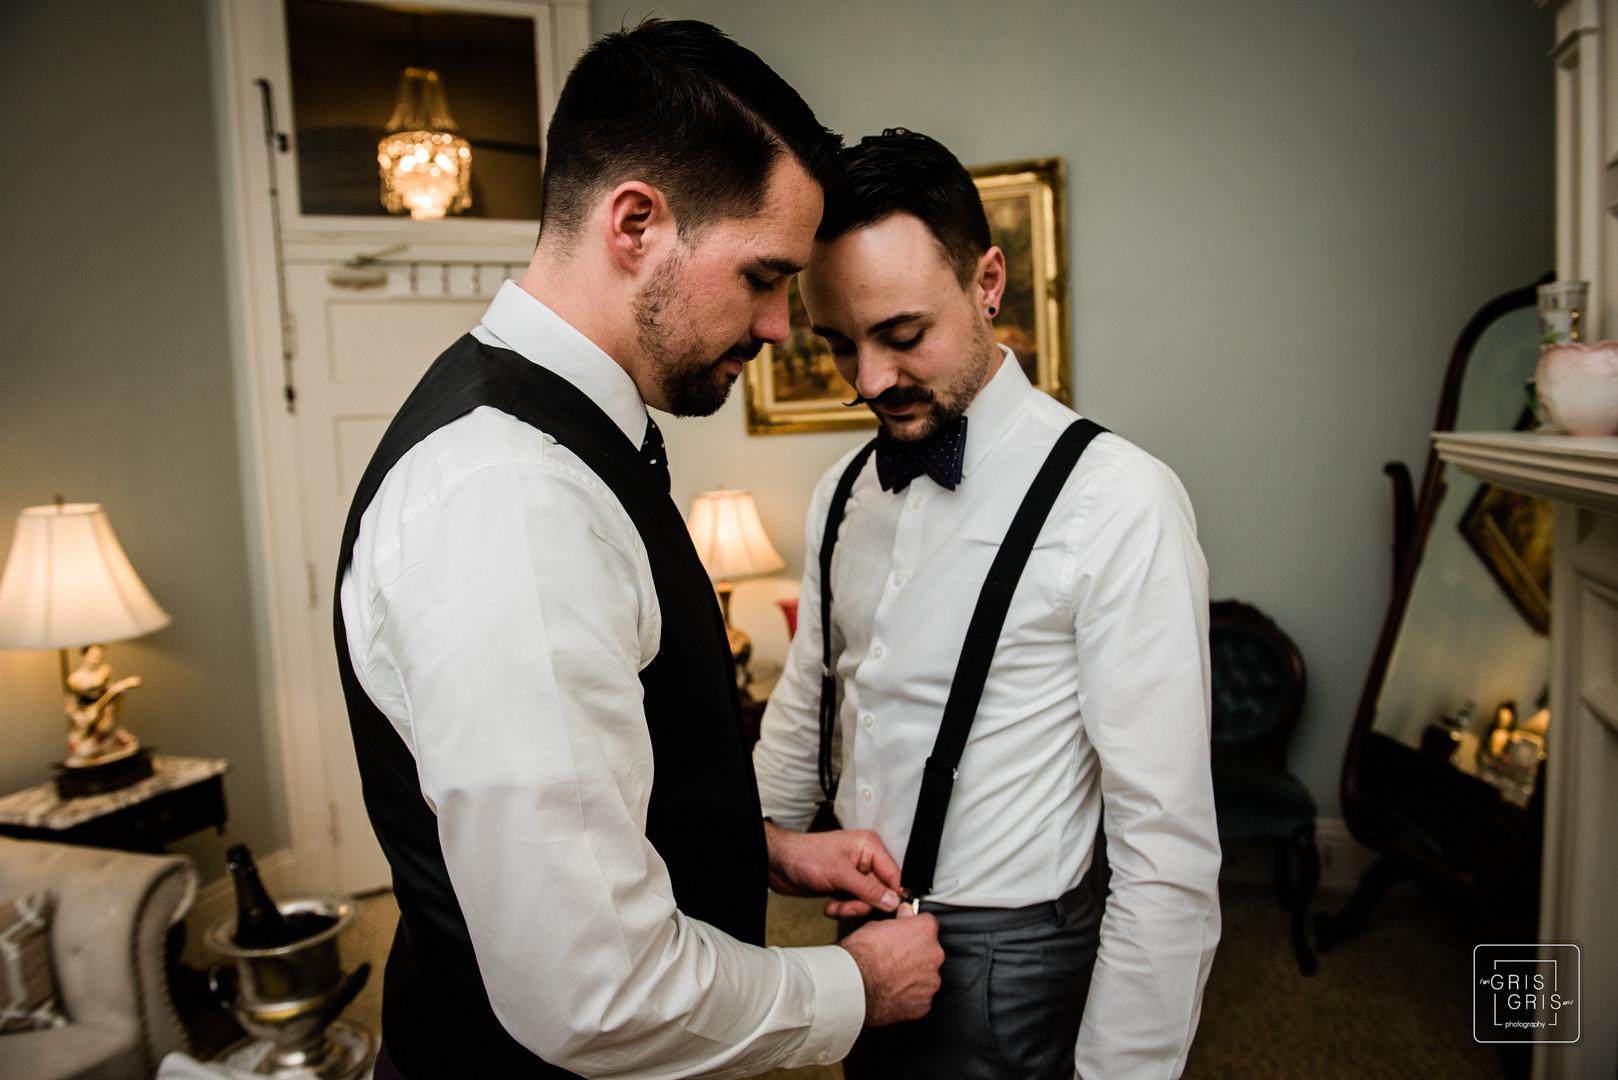 groom helps is groom get ready durring pre ceremony prep